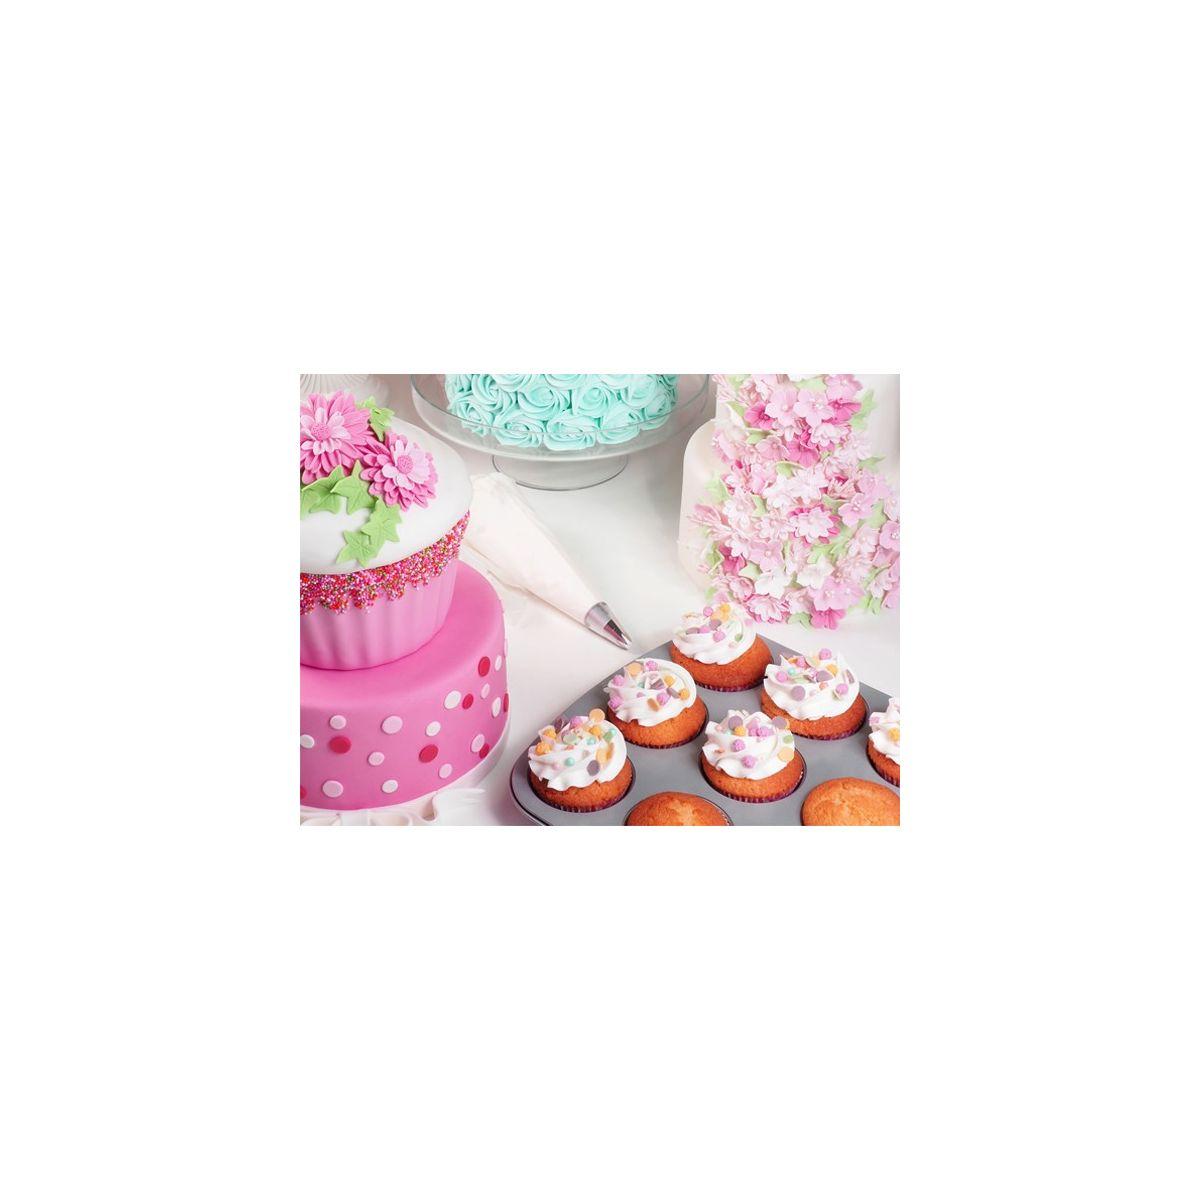 Für all Ihr Tortenzubehör | CakeSupplies - Bak Produkte Großhandel